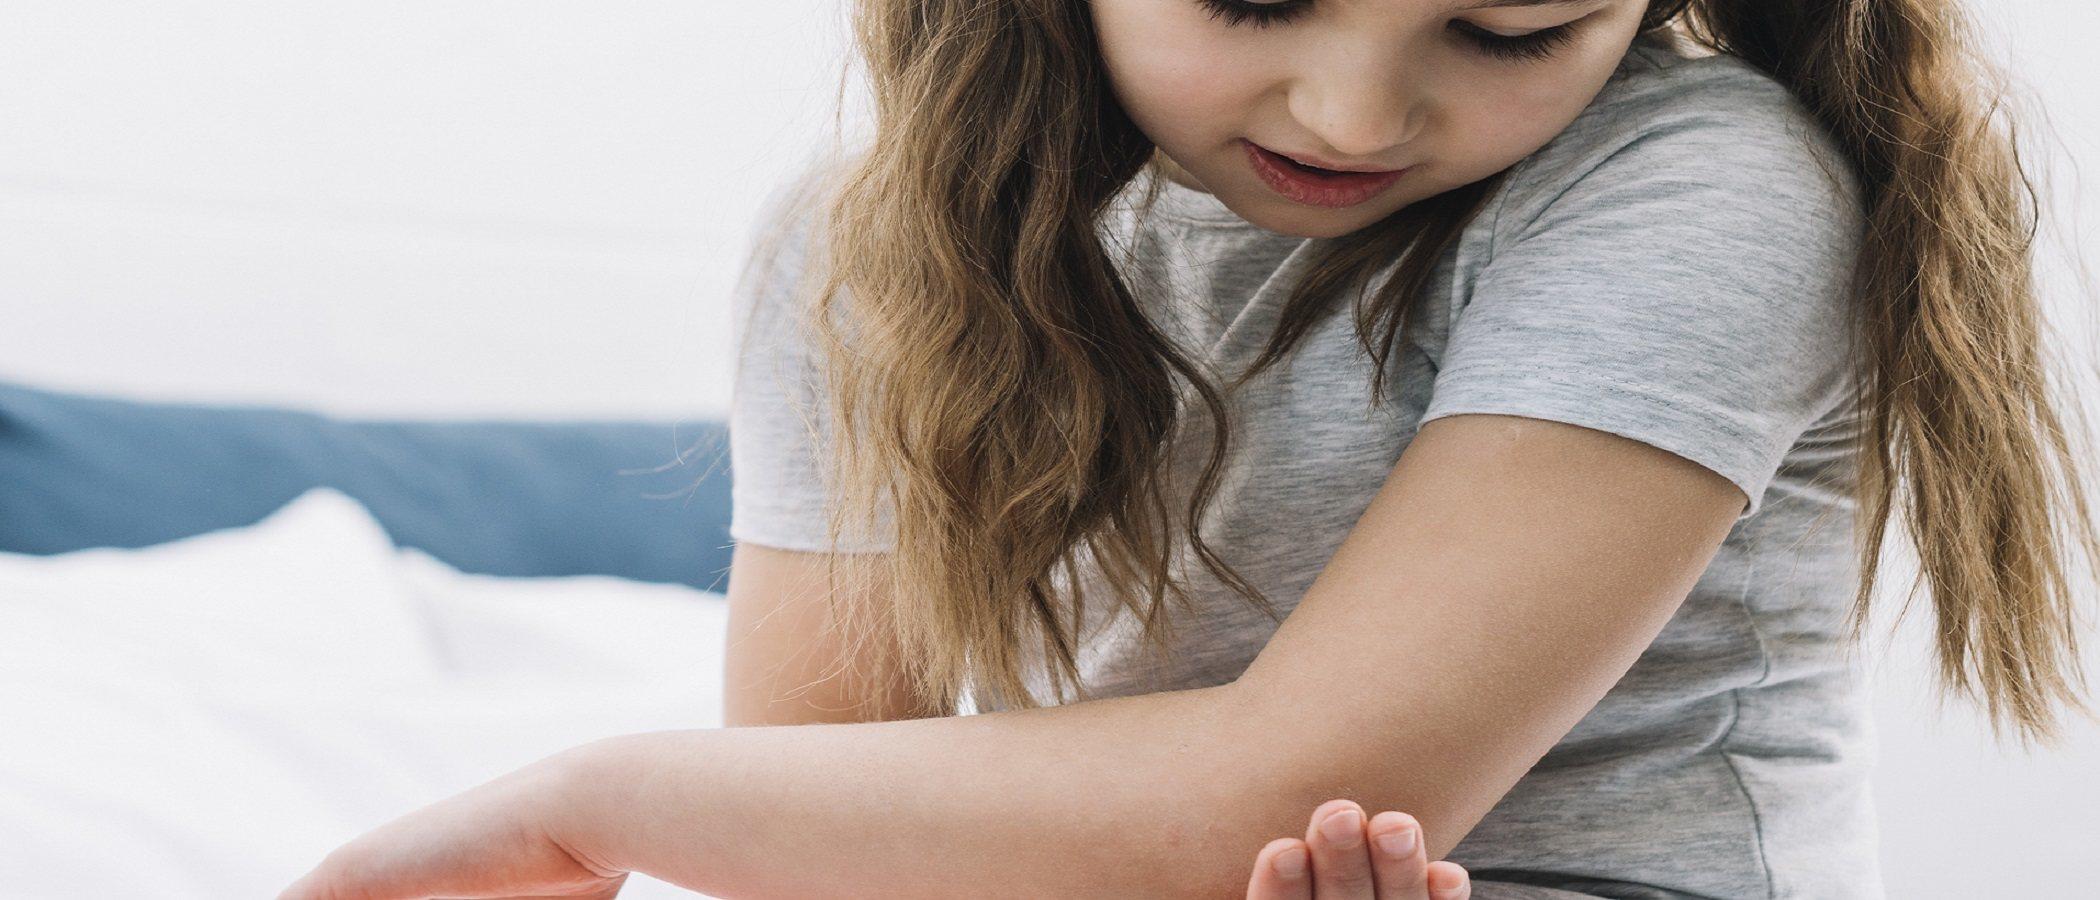 Las fracturas de huesos más comunes en los niños